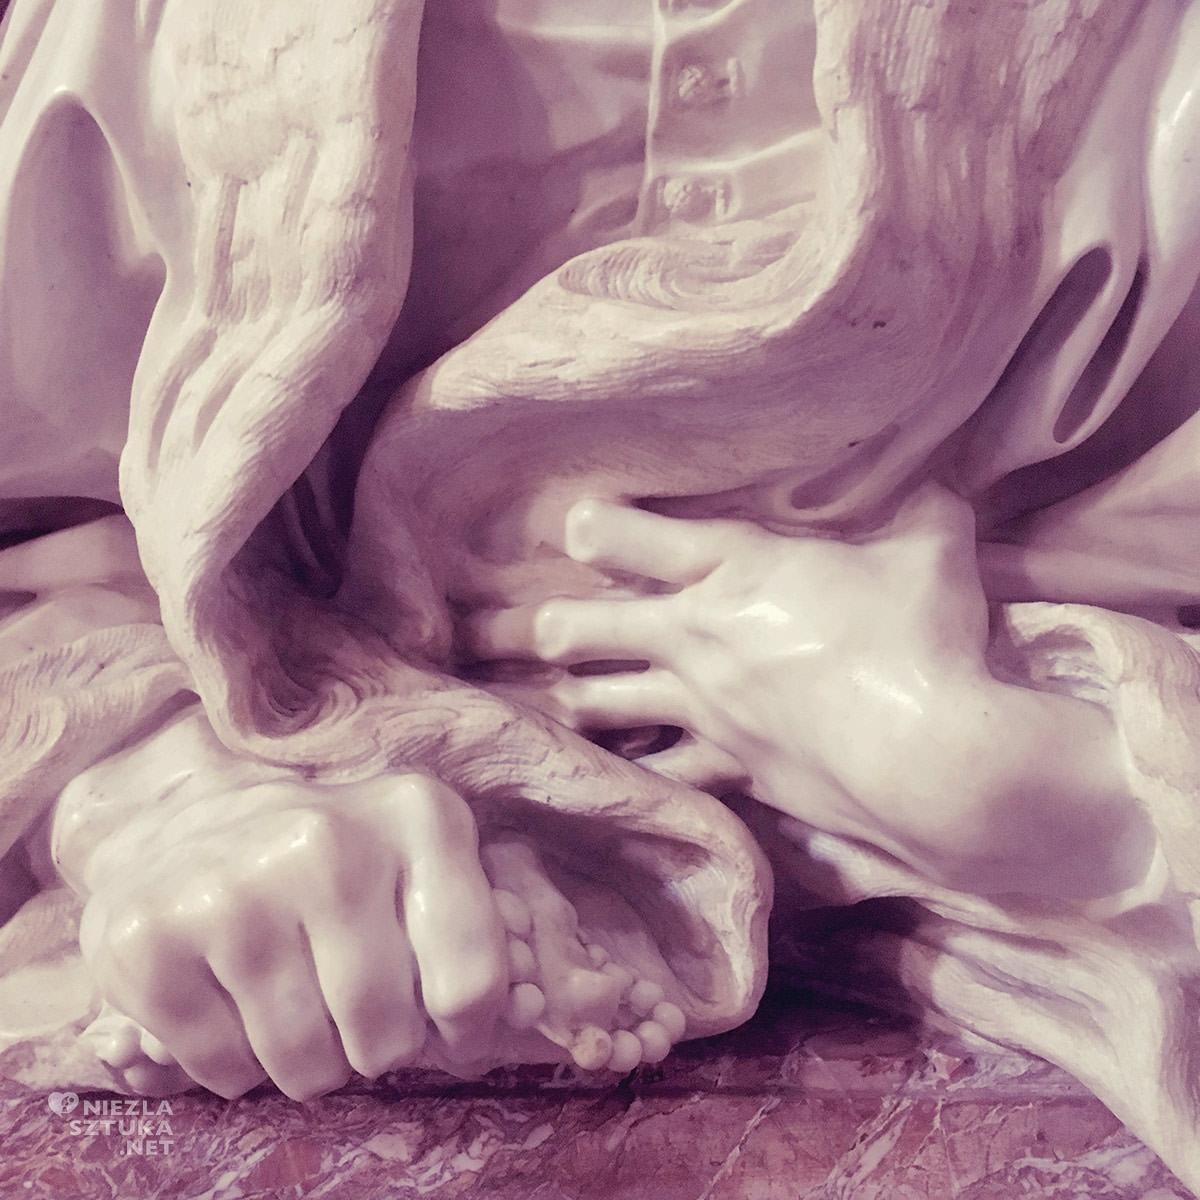 Gian Lorenzo Bernini, Popiersie Gabriele Fonseca, Kościół San Lorenzo in Lucina, sztuka włoska, rzeźba, Rzym, przewodnik po Rzymie, sztuka w Rzymie, Niezła sztuka